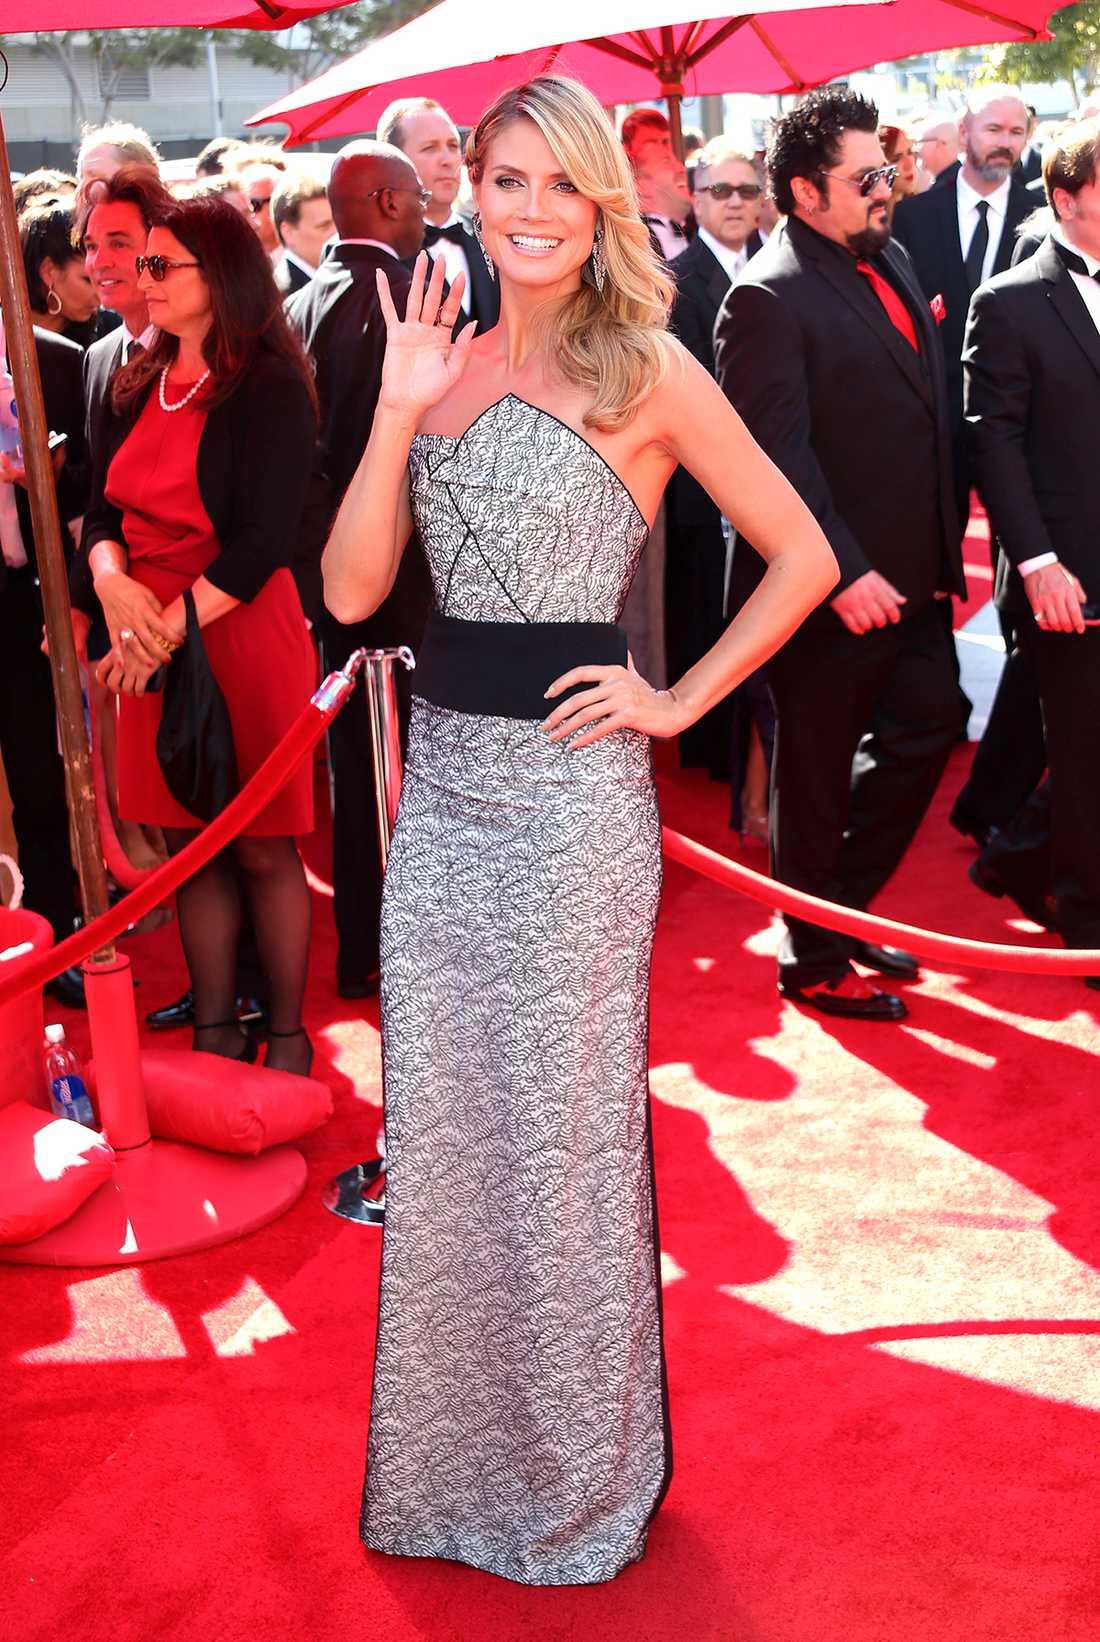 Heidi Klum Heidi Klum gjorde Malin Åkerman sällskap på röda mattan och valde en vacker blåsa av Roland Mouret till sitt utsläppta svall.